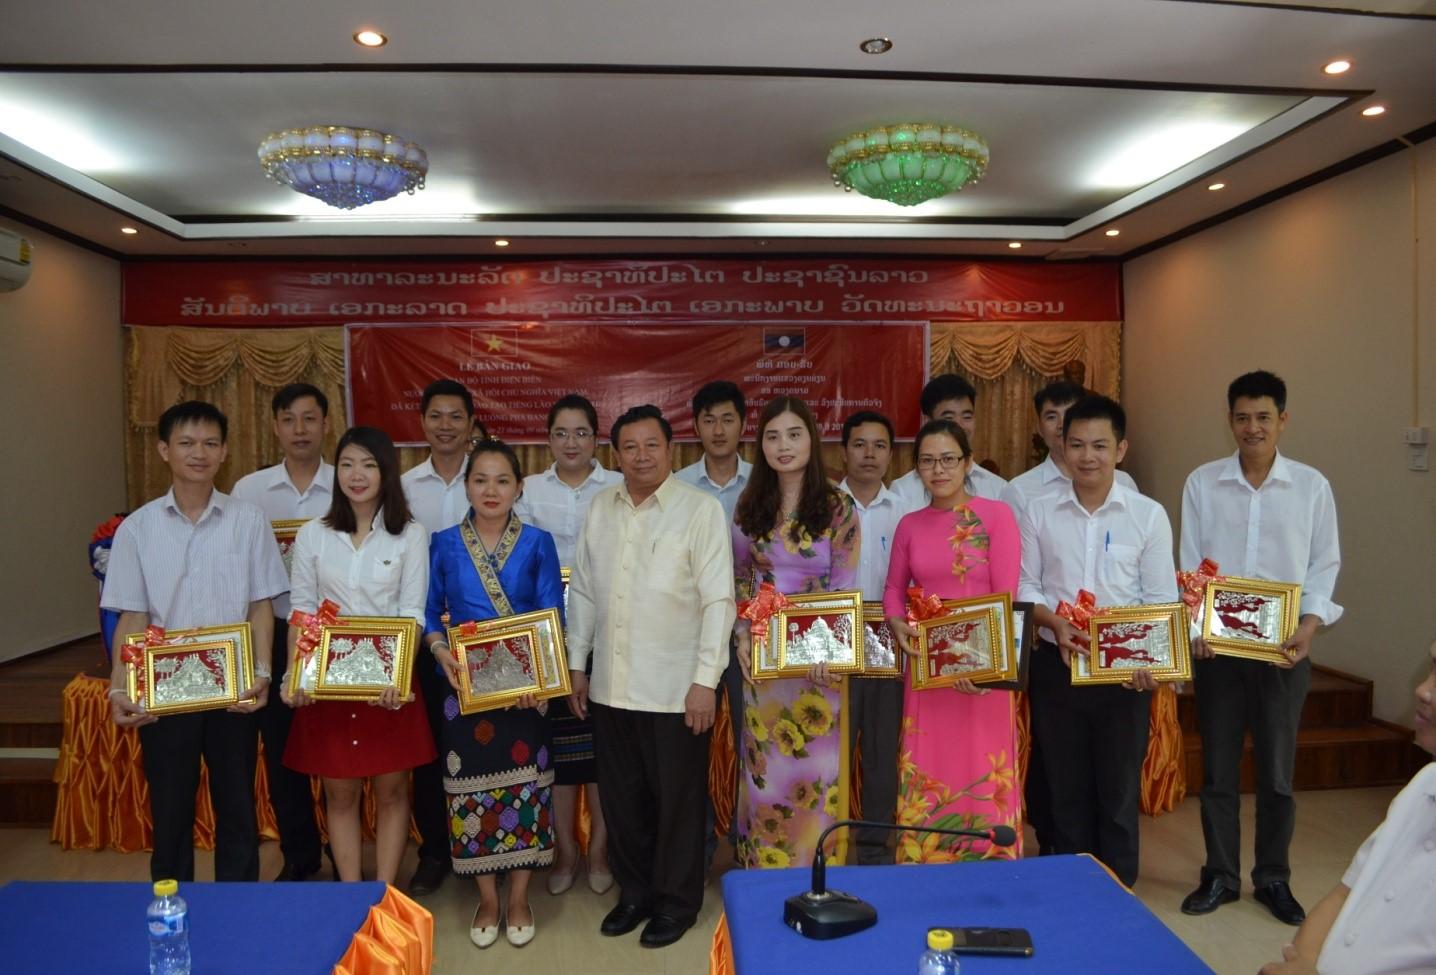 Giám đốc Sở Giáo dục và Thể thao tỉnh Luông Pha Bang tặng Giấy khen